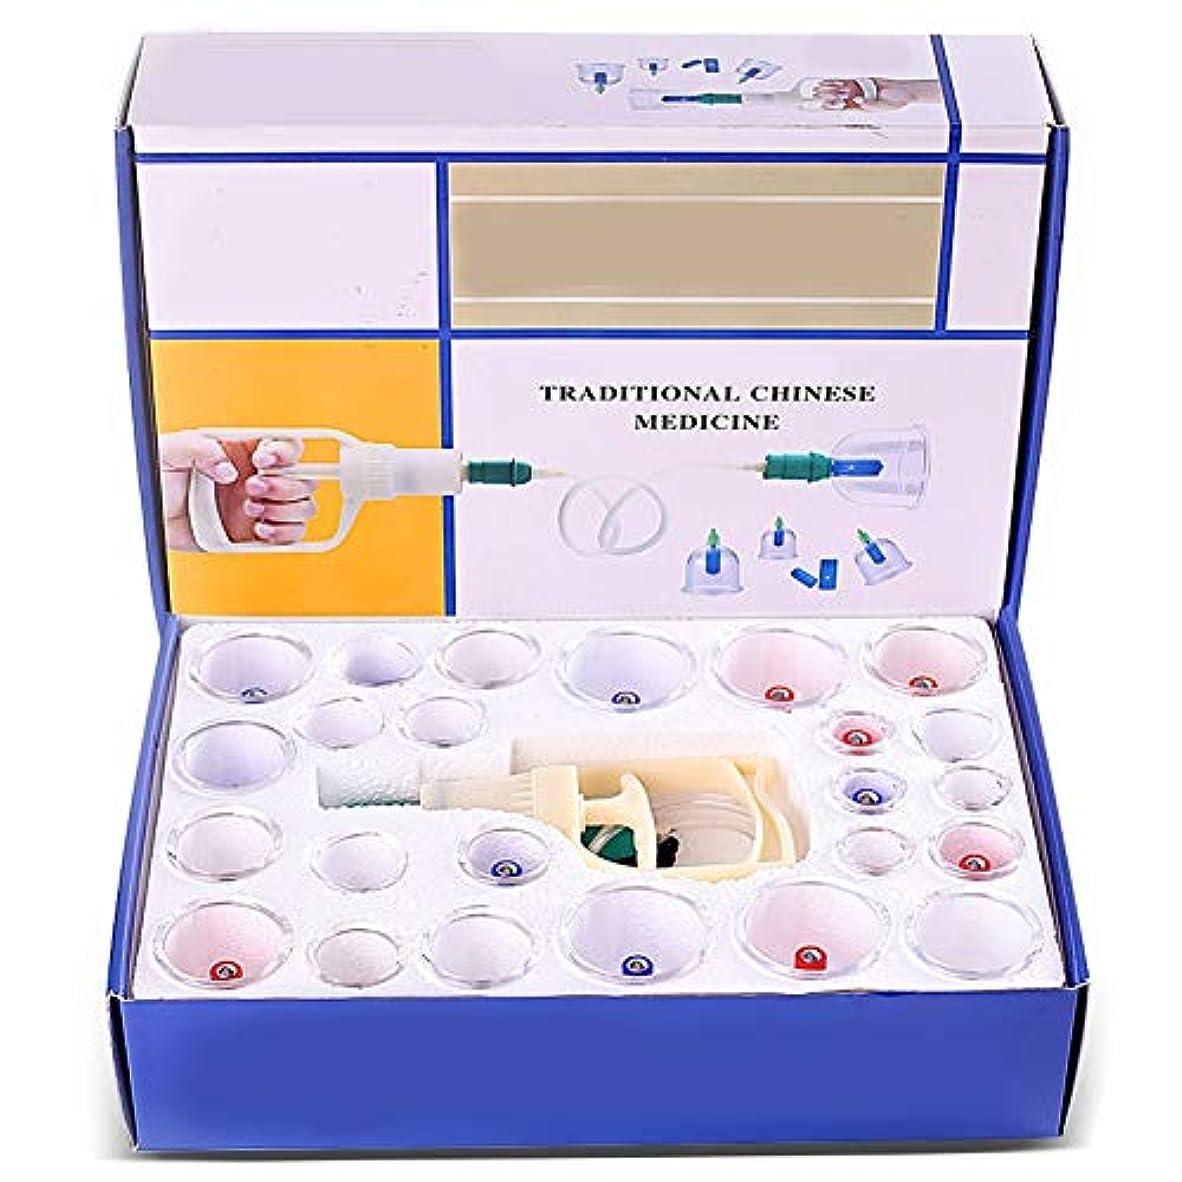 願望ジェームズダイソンプランテーションカッピングセットプラスチック、プレミアム透明プラスチック中国のツボカッピング療法、ポータブルパッケージ、ボディマッサージの痛みを軽減する理学療法24カップ